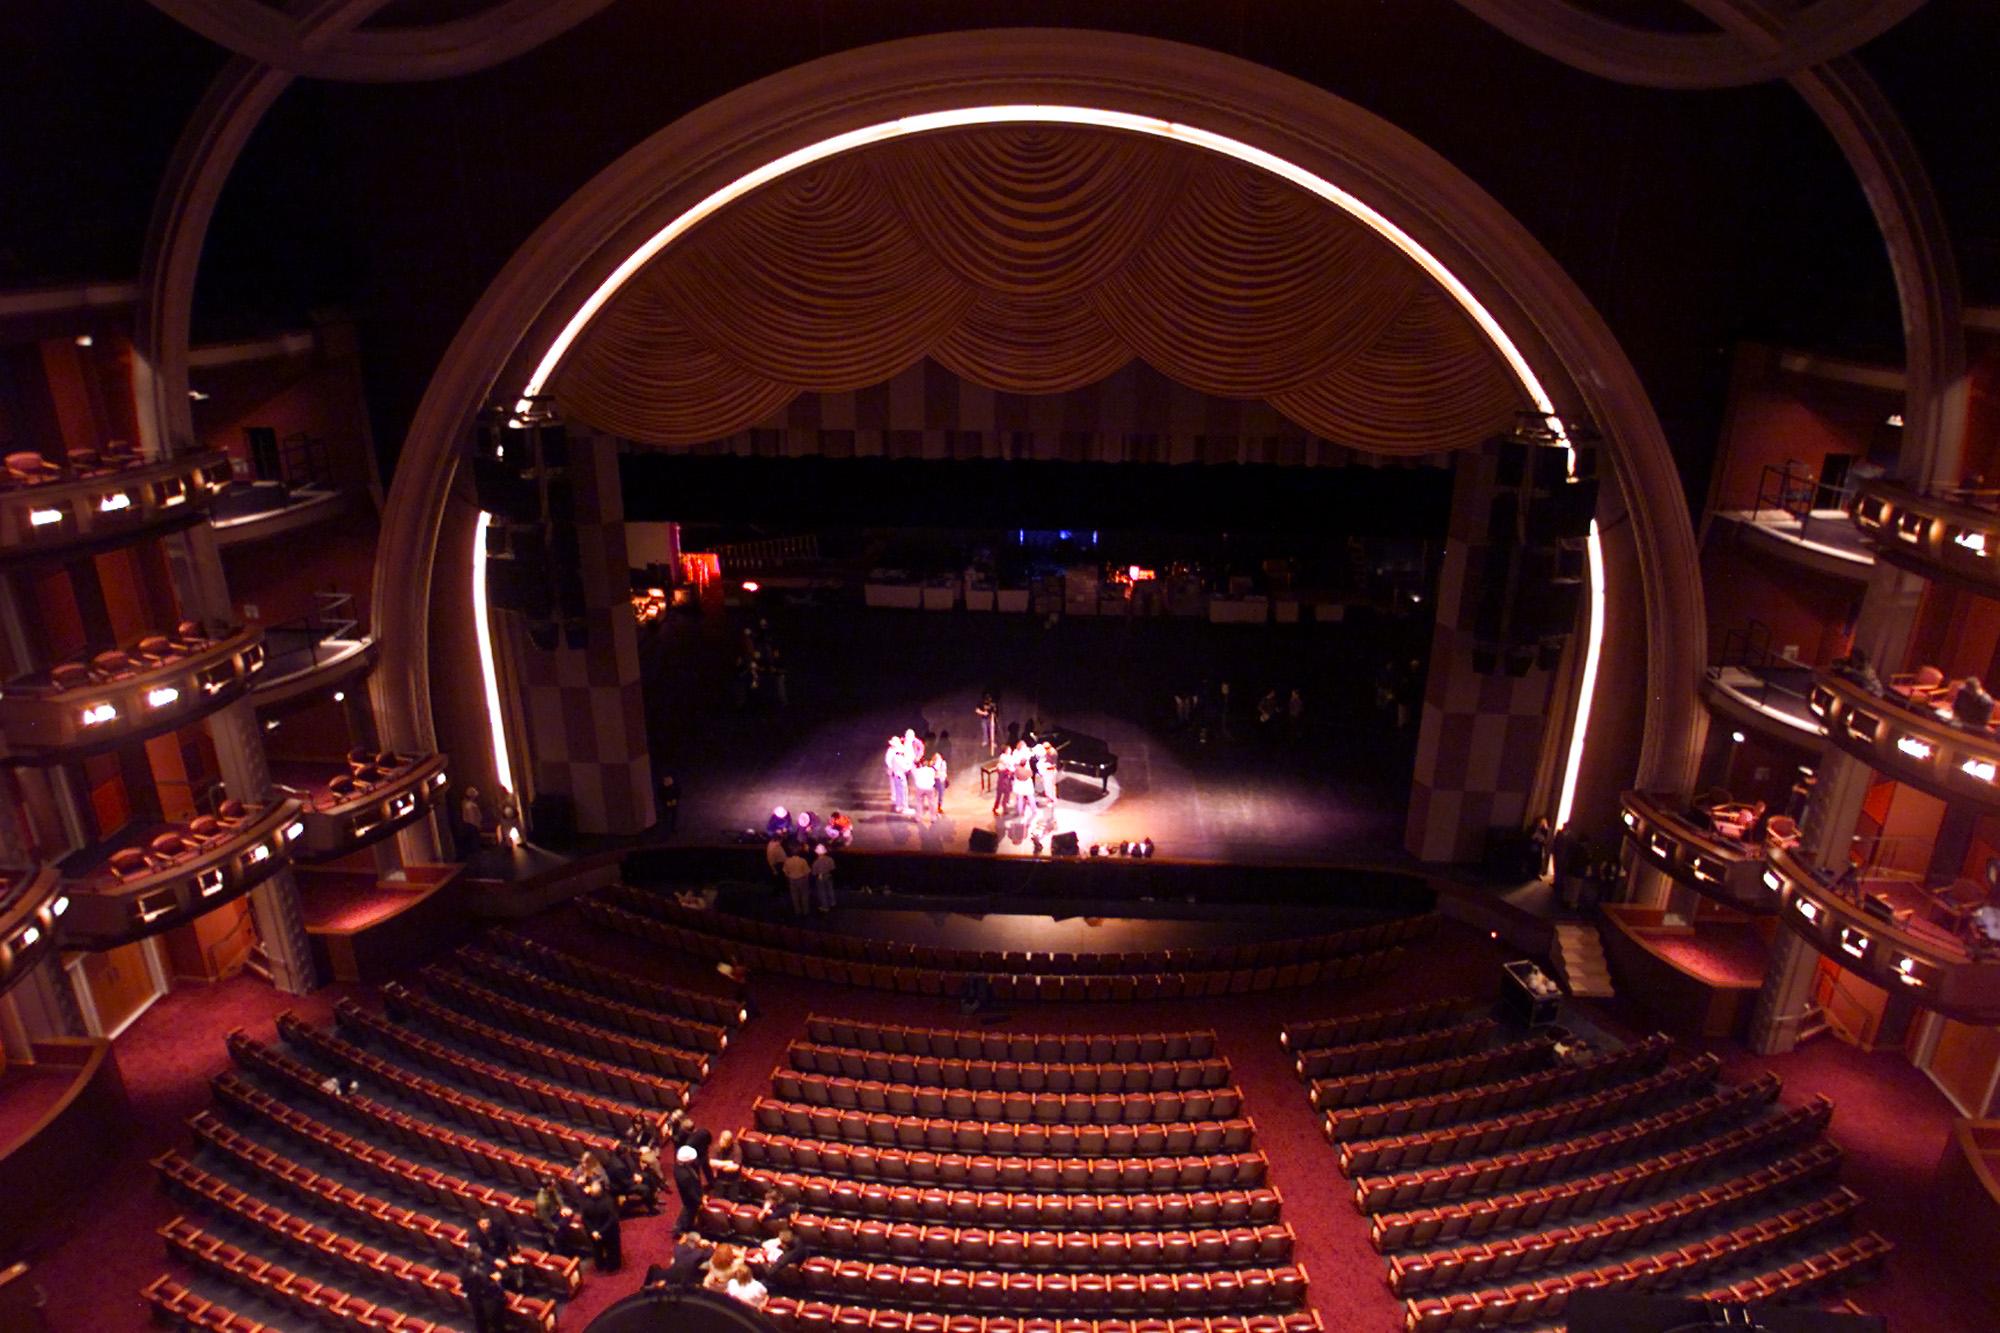 2001年10月30日的柯達劇院(Kodak Theatre)。(美聯社)